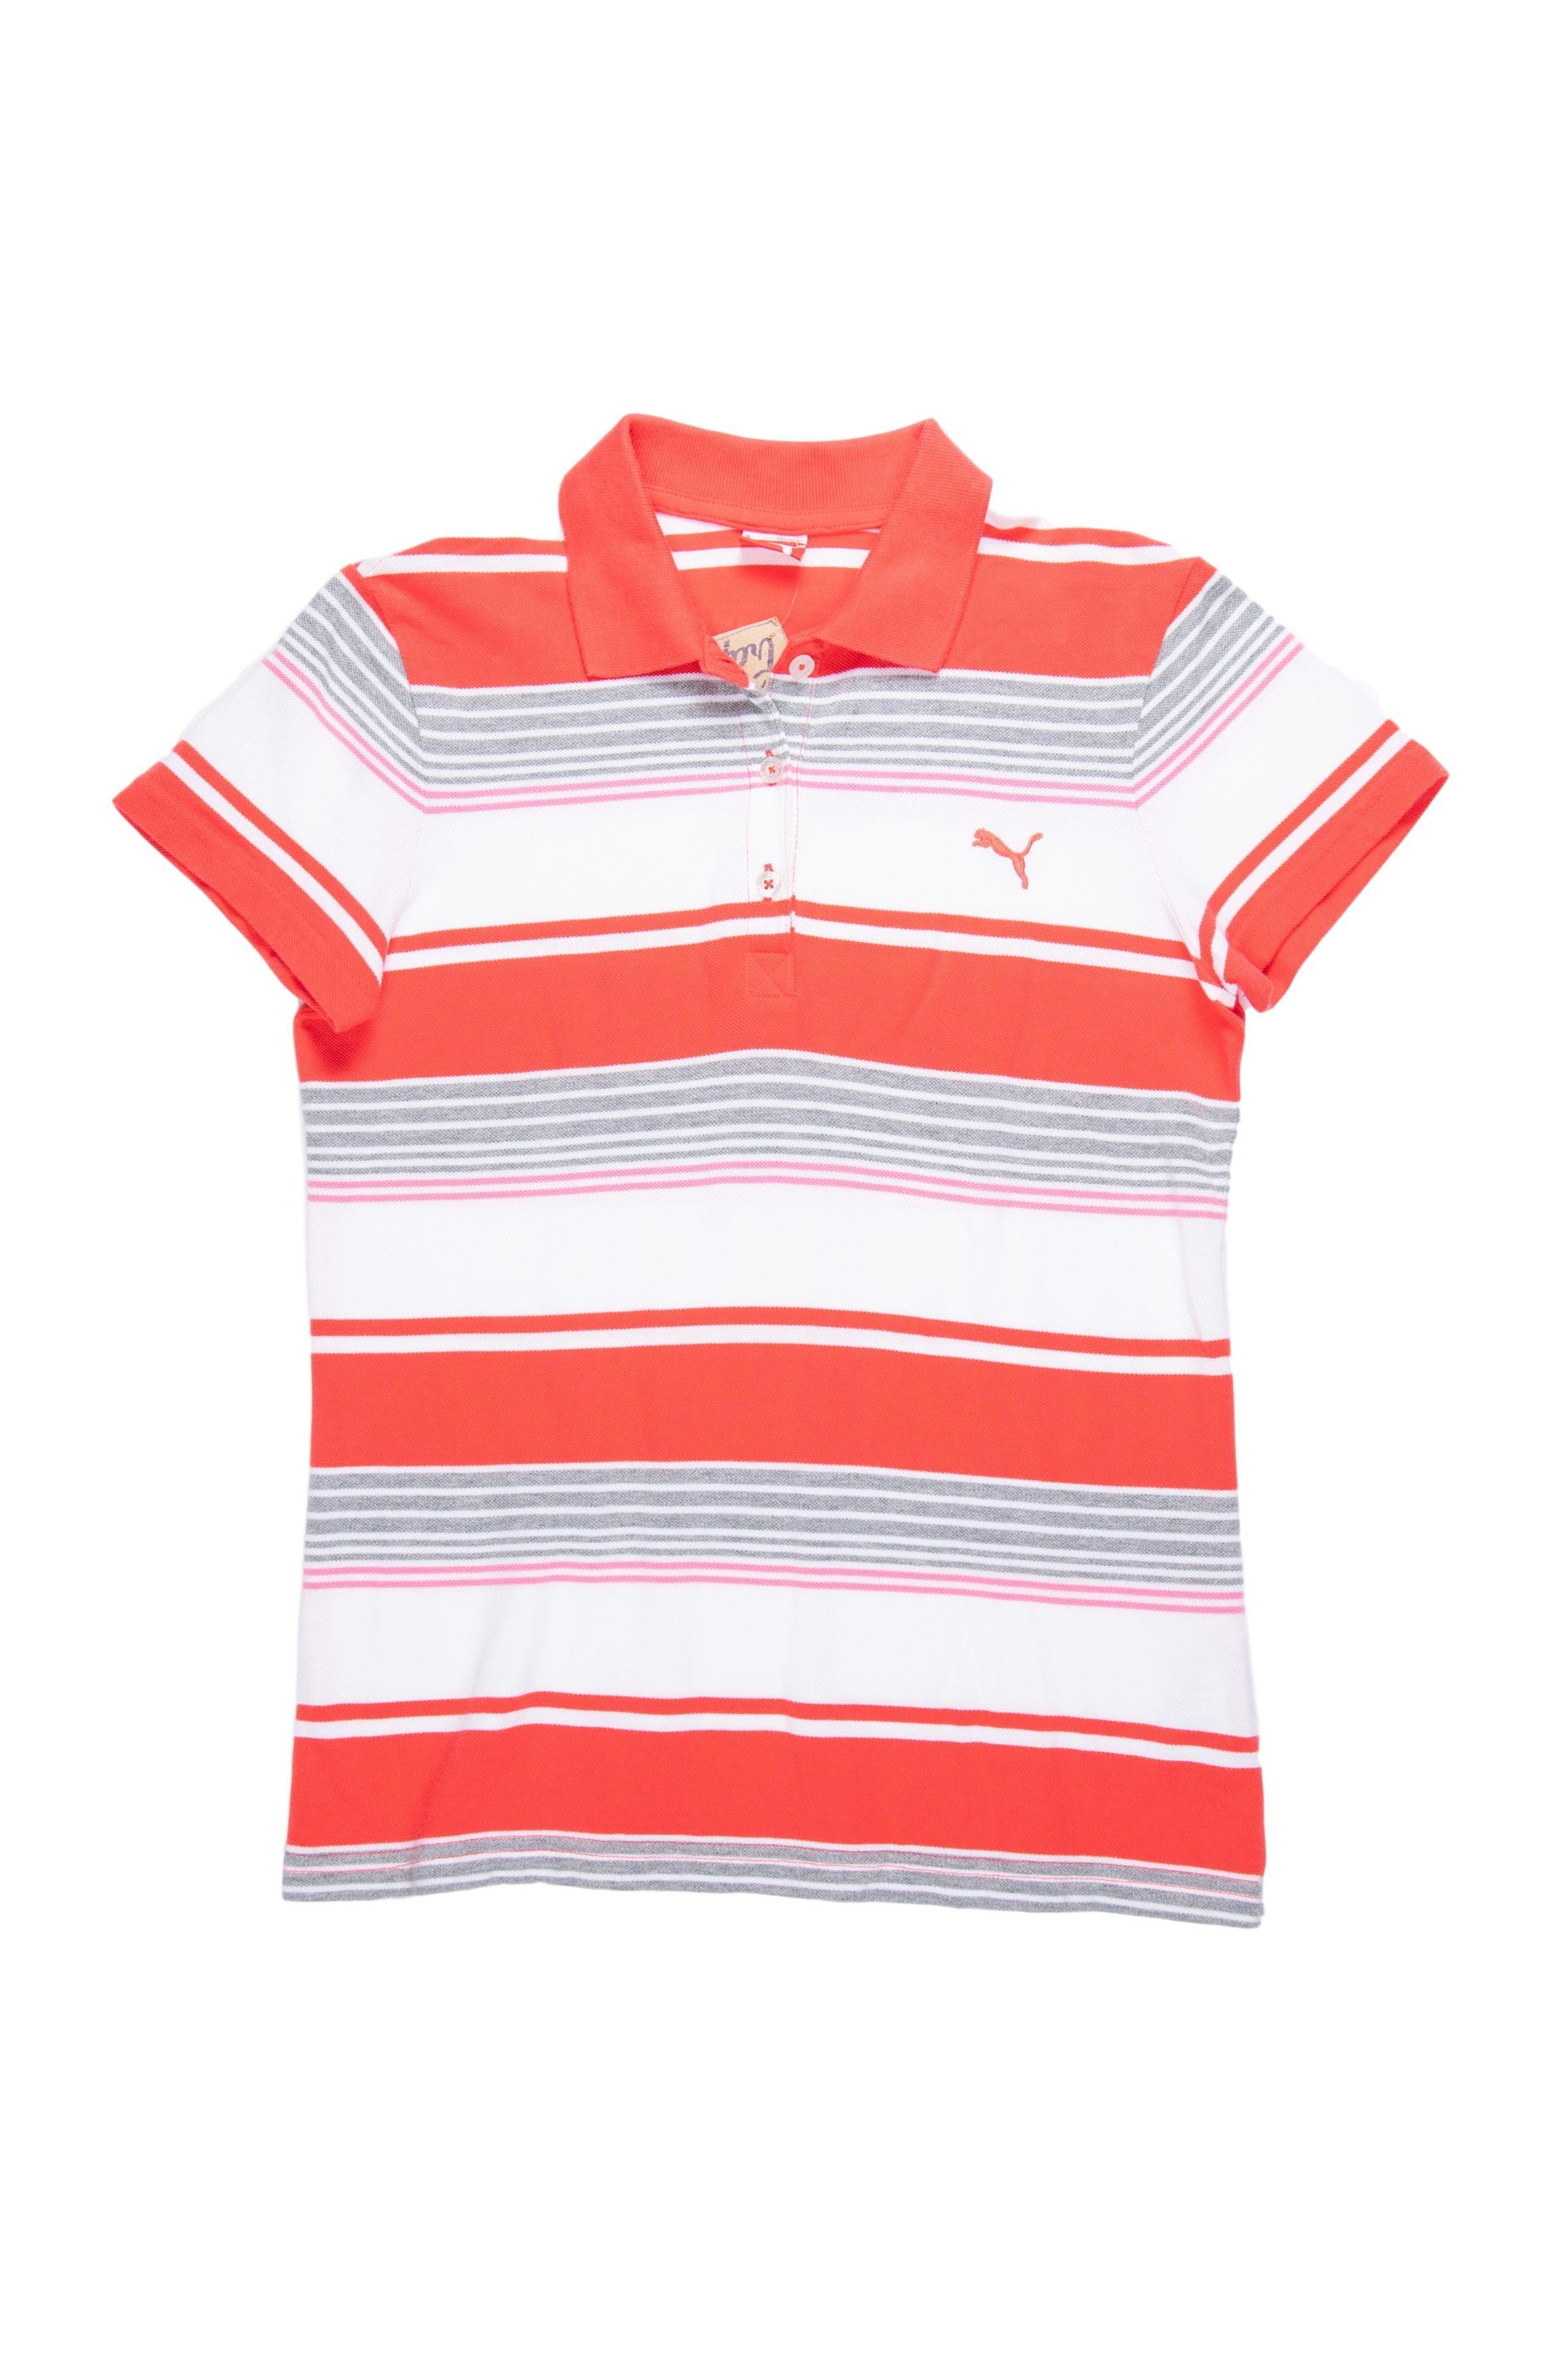 Polo Puma 100 % algodón piqué a rayas rojas y blancas, cuello camisero y botones transparentes. Busto 92cm